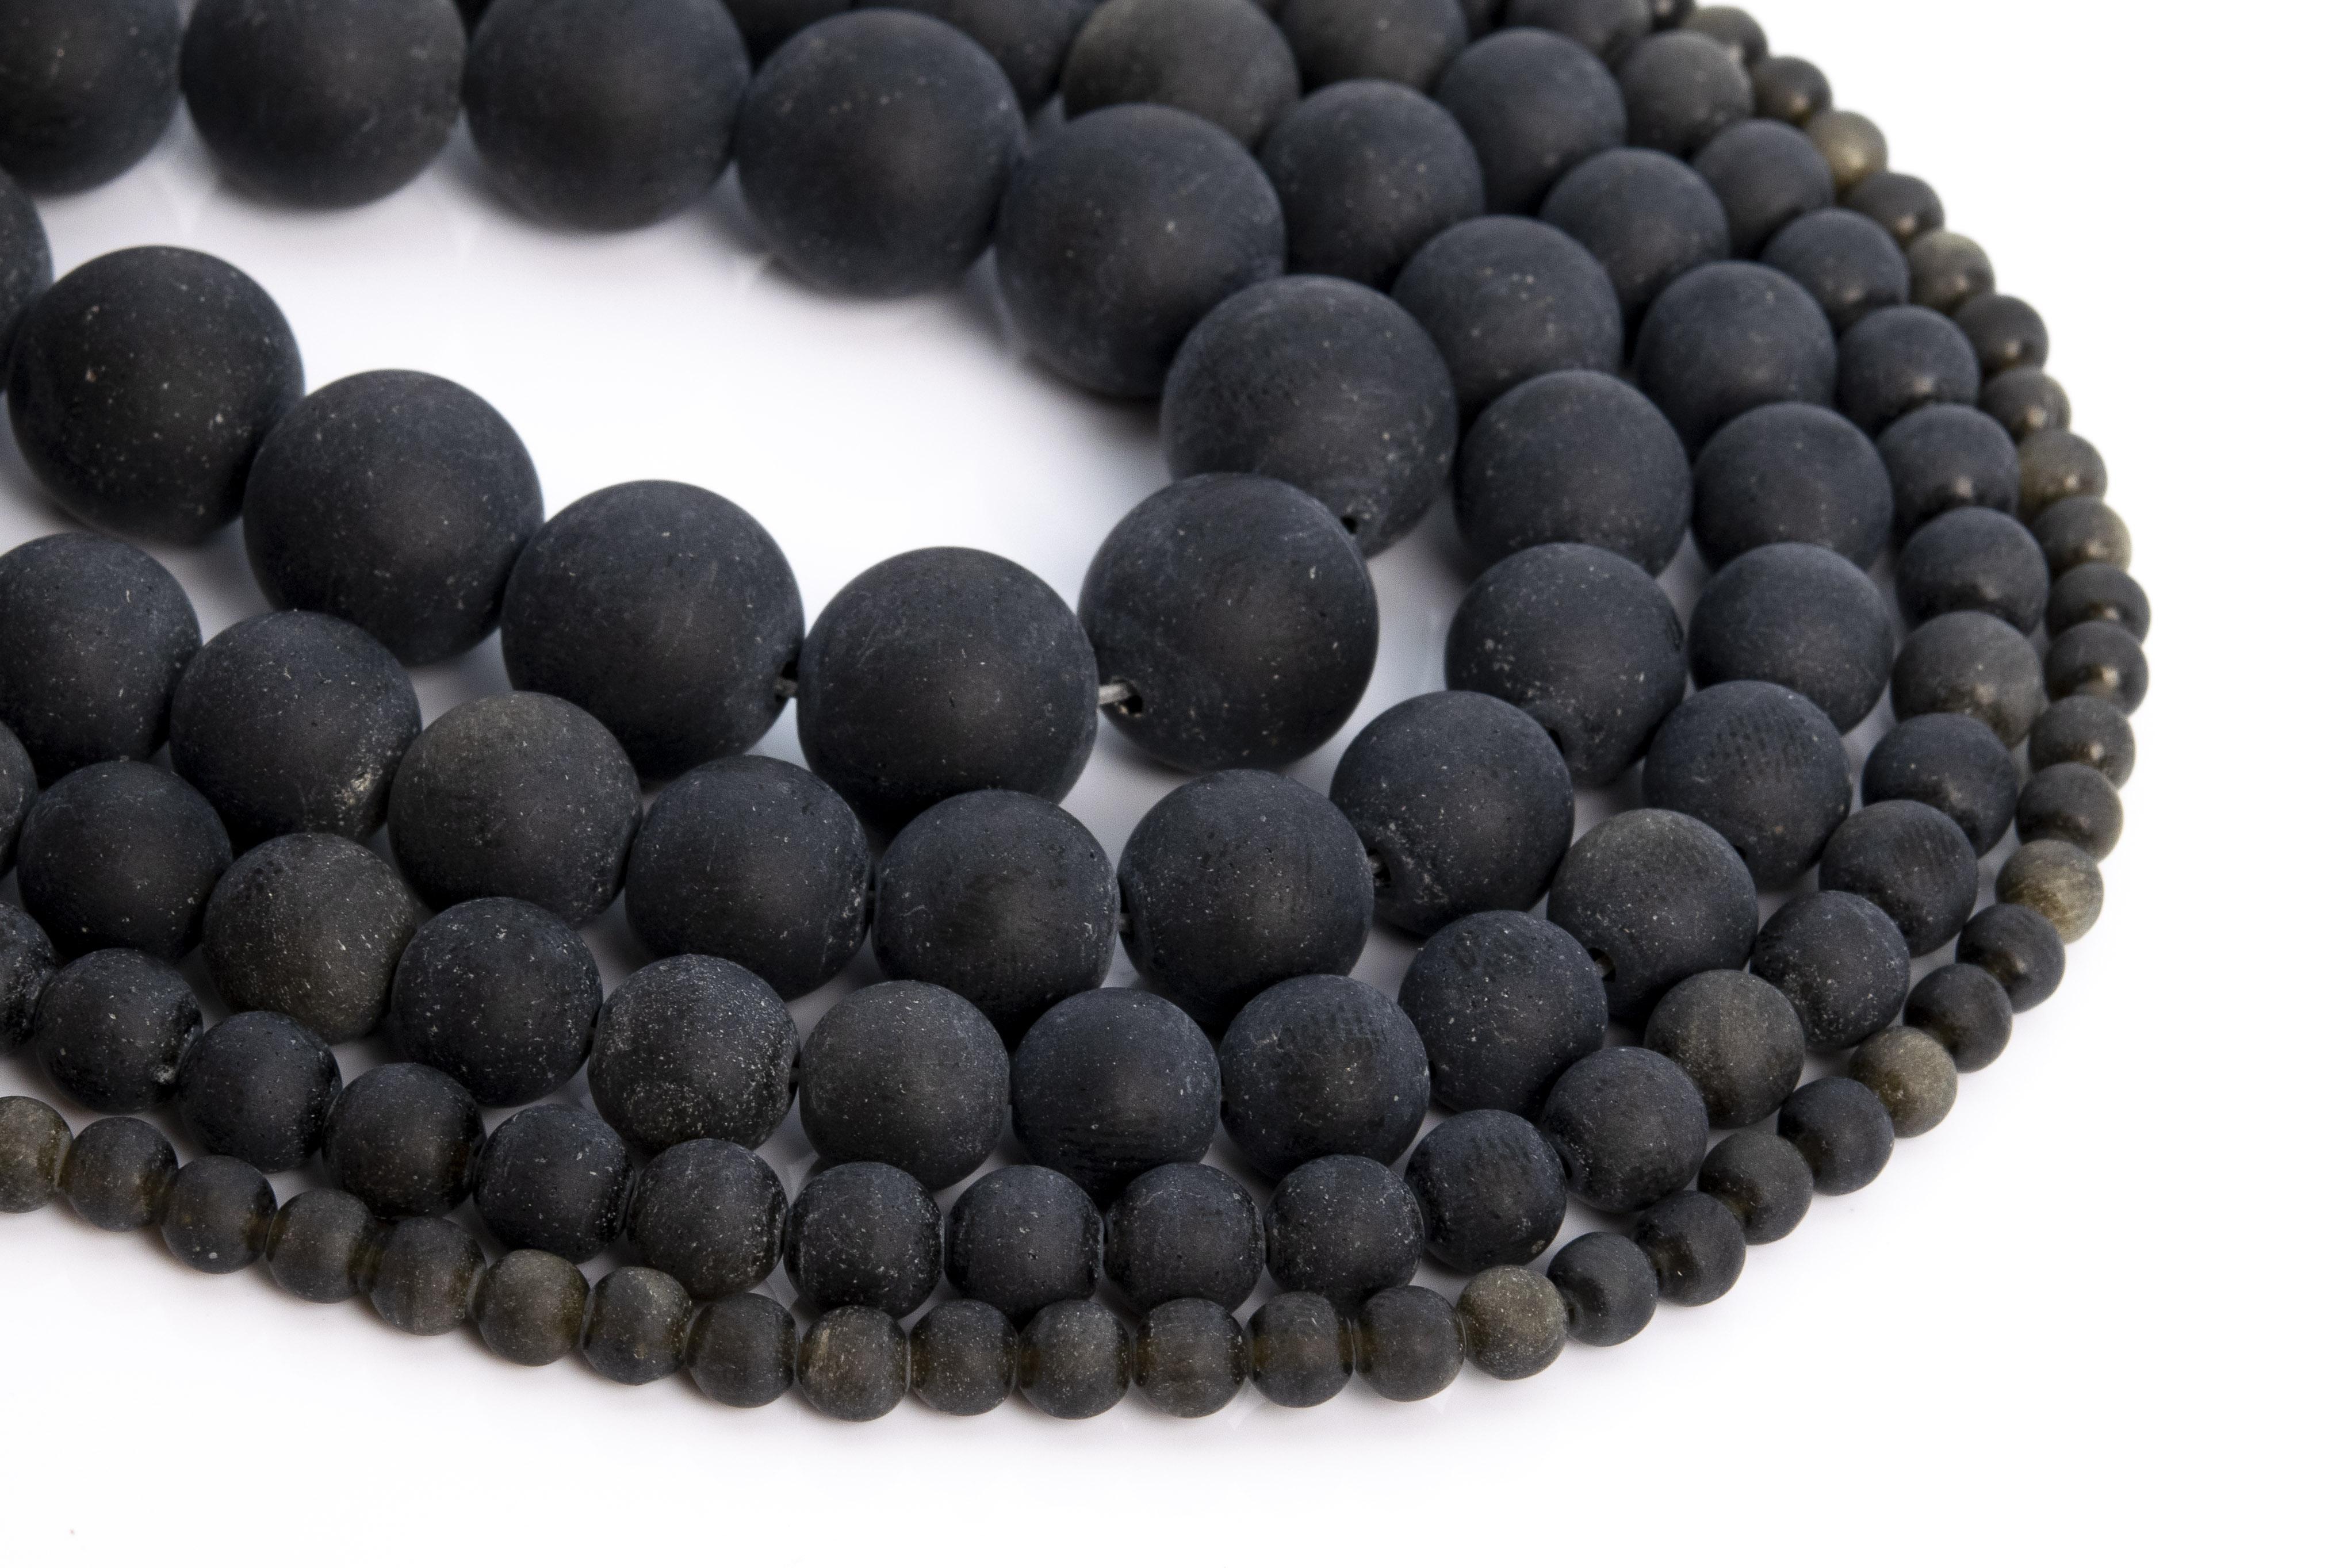 Черный матовый Золотой обсидиан Gemstone свободные шарики круглой формы 4 мм 6 мм 8 мм 10 мм 12 мм для изготовления ювелирных изделий